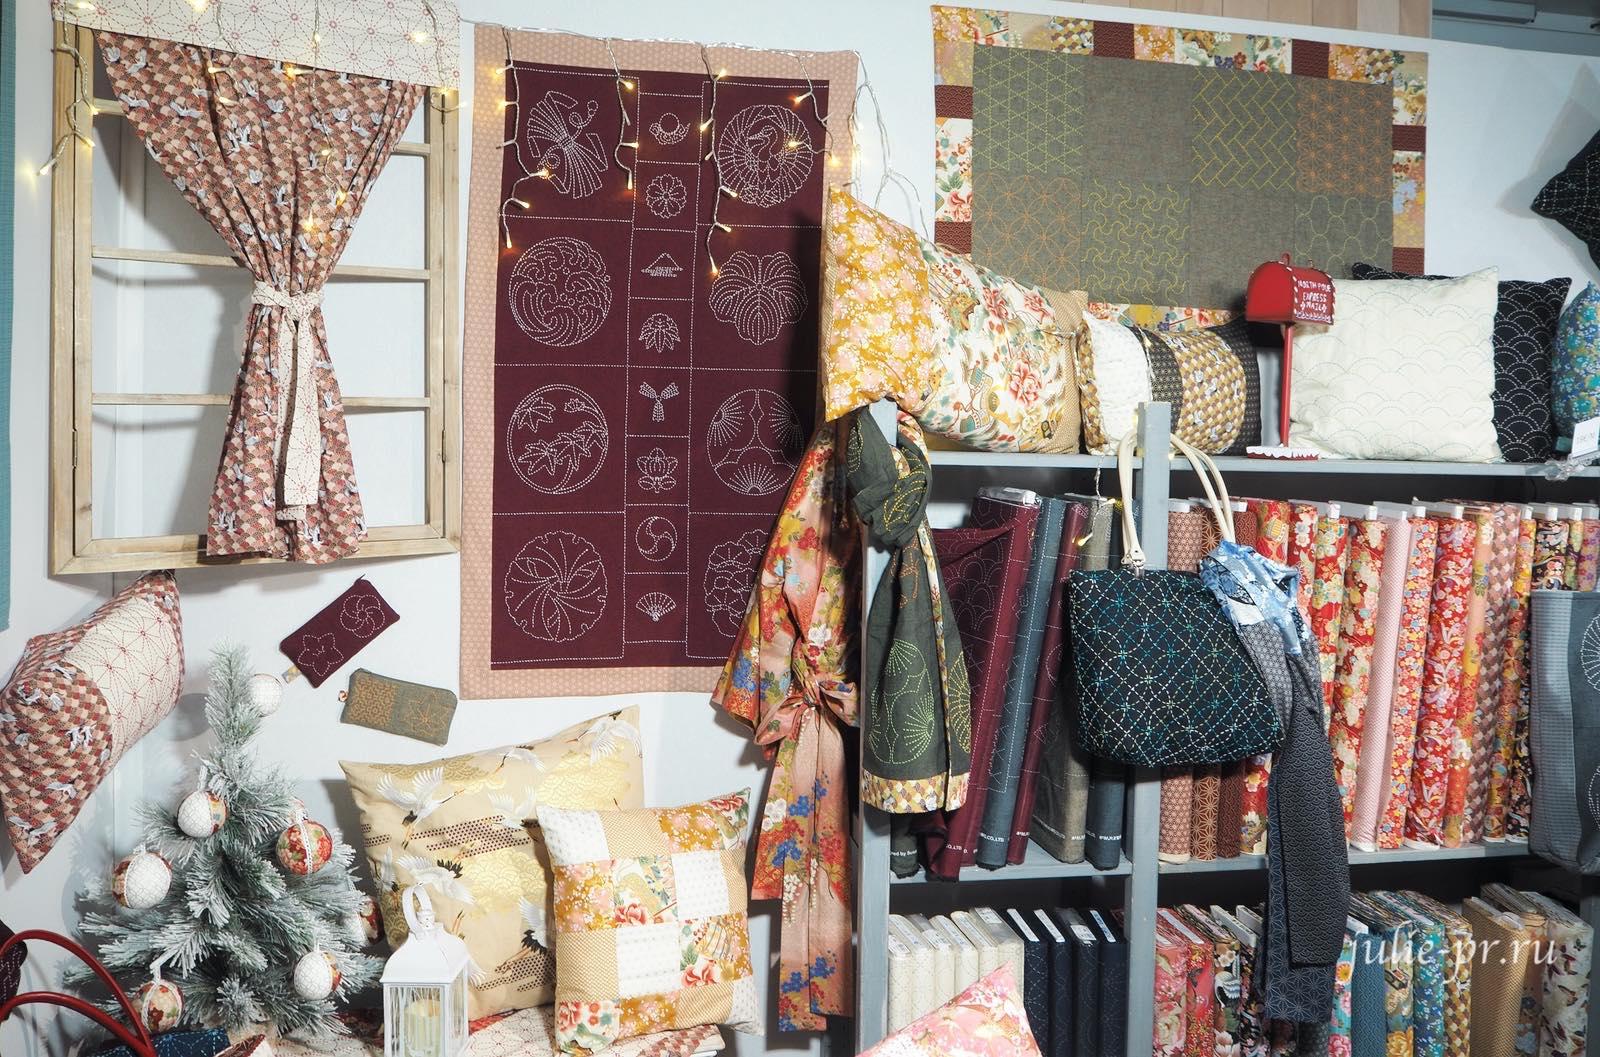 Ткани для пэчворка, вышивка сашико, рукодельный салон Creations & Savoir-Faire 2019, рукодельная выставка, Париж